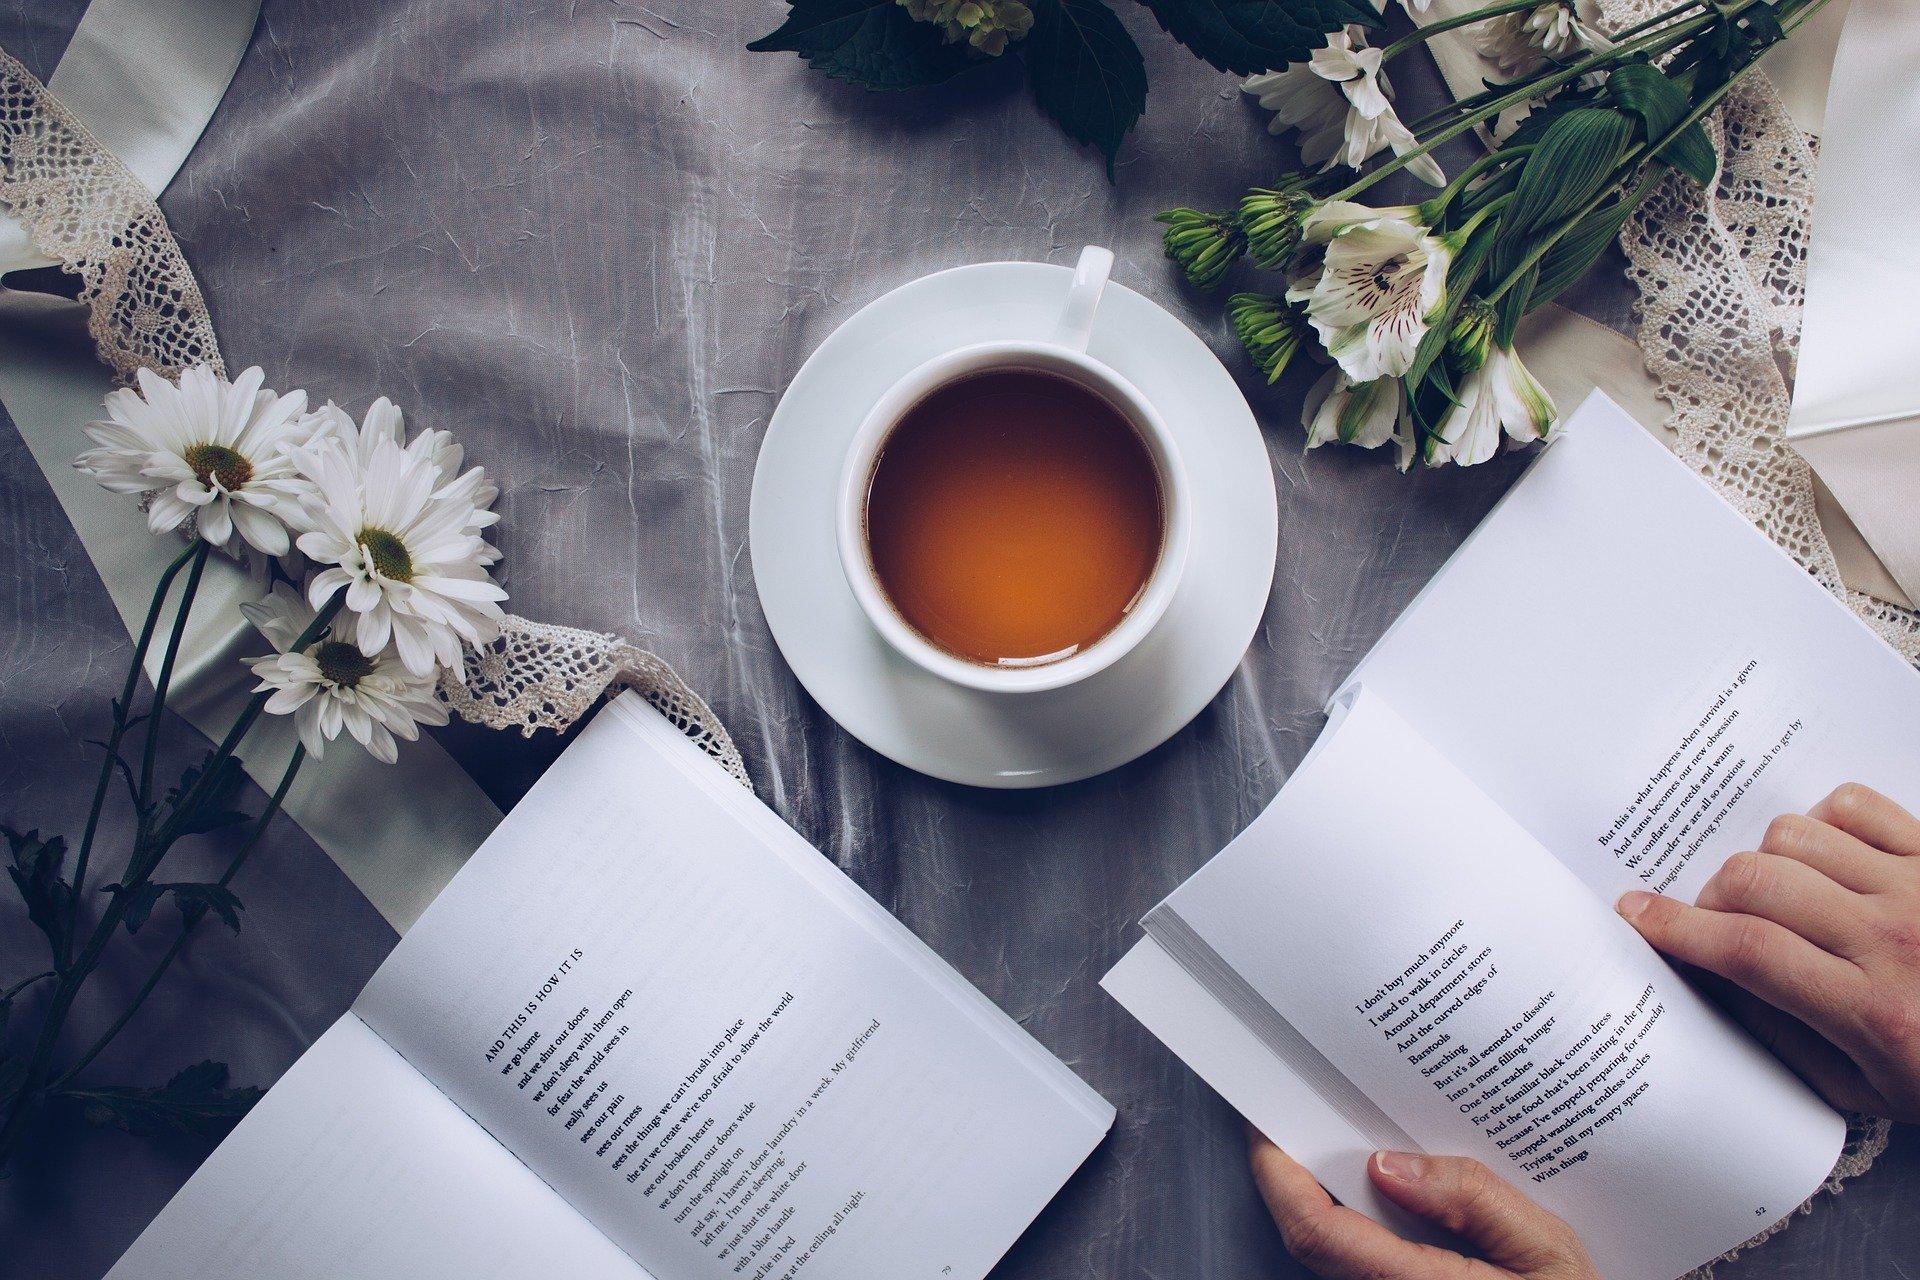 libro y te